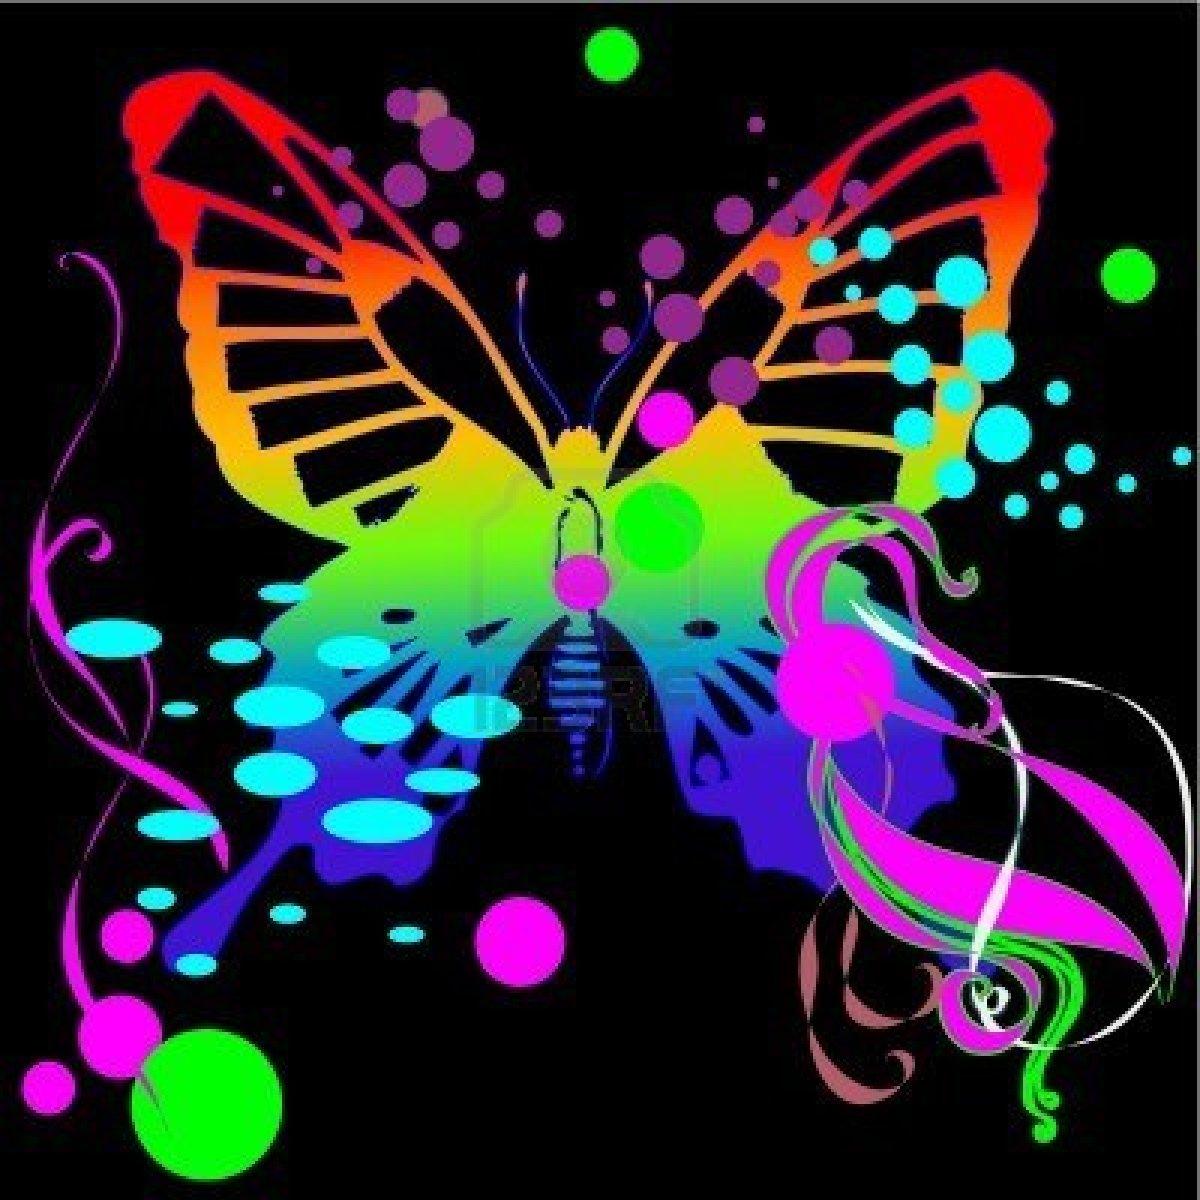 Neon Butterfly Wallpaper